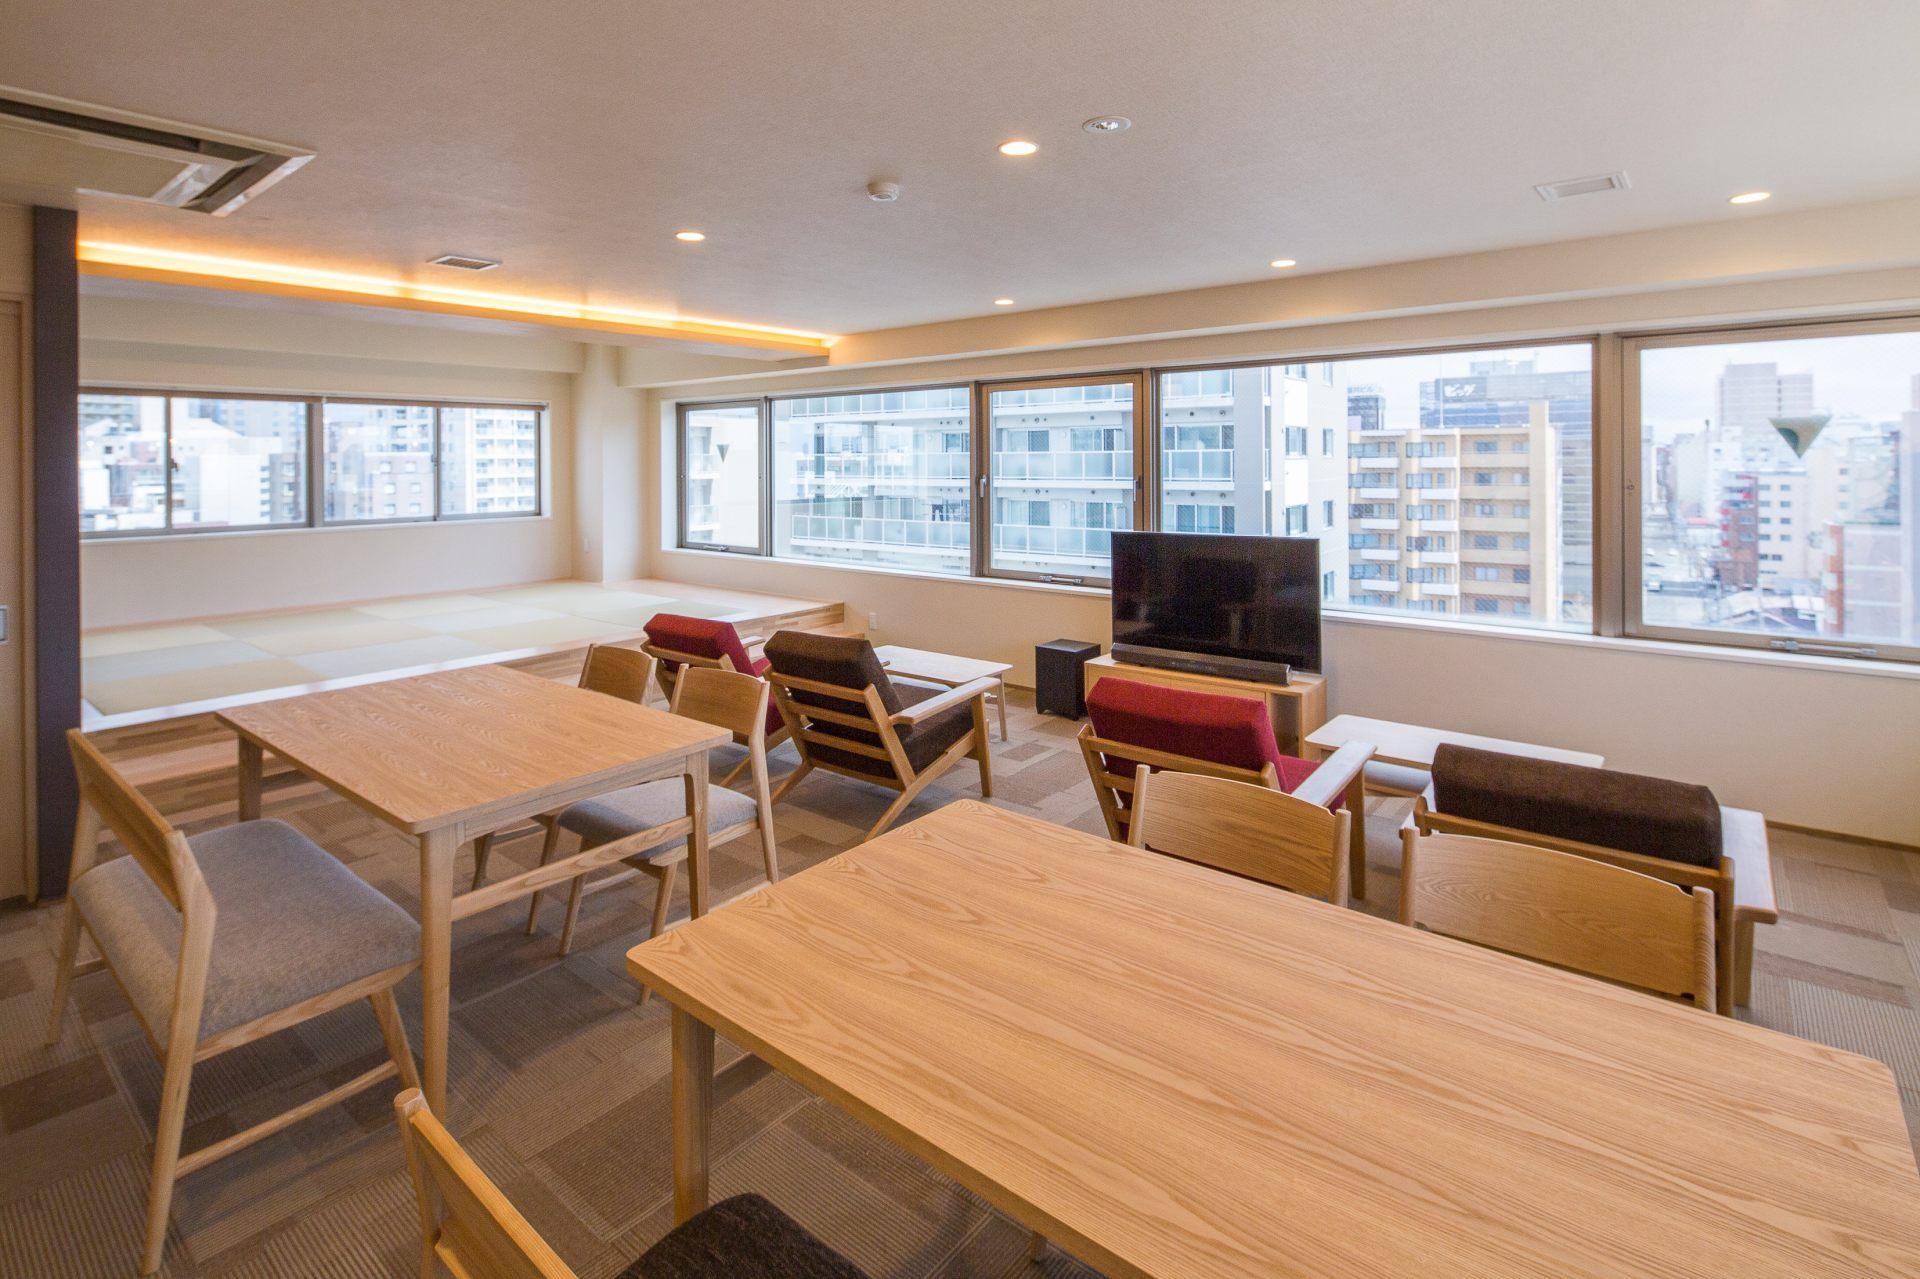 位在最高樓層的共用客廳。氛圍沉穩,可以在這裡悠閒放鬆地度過♪